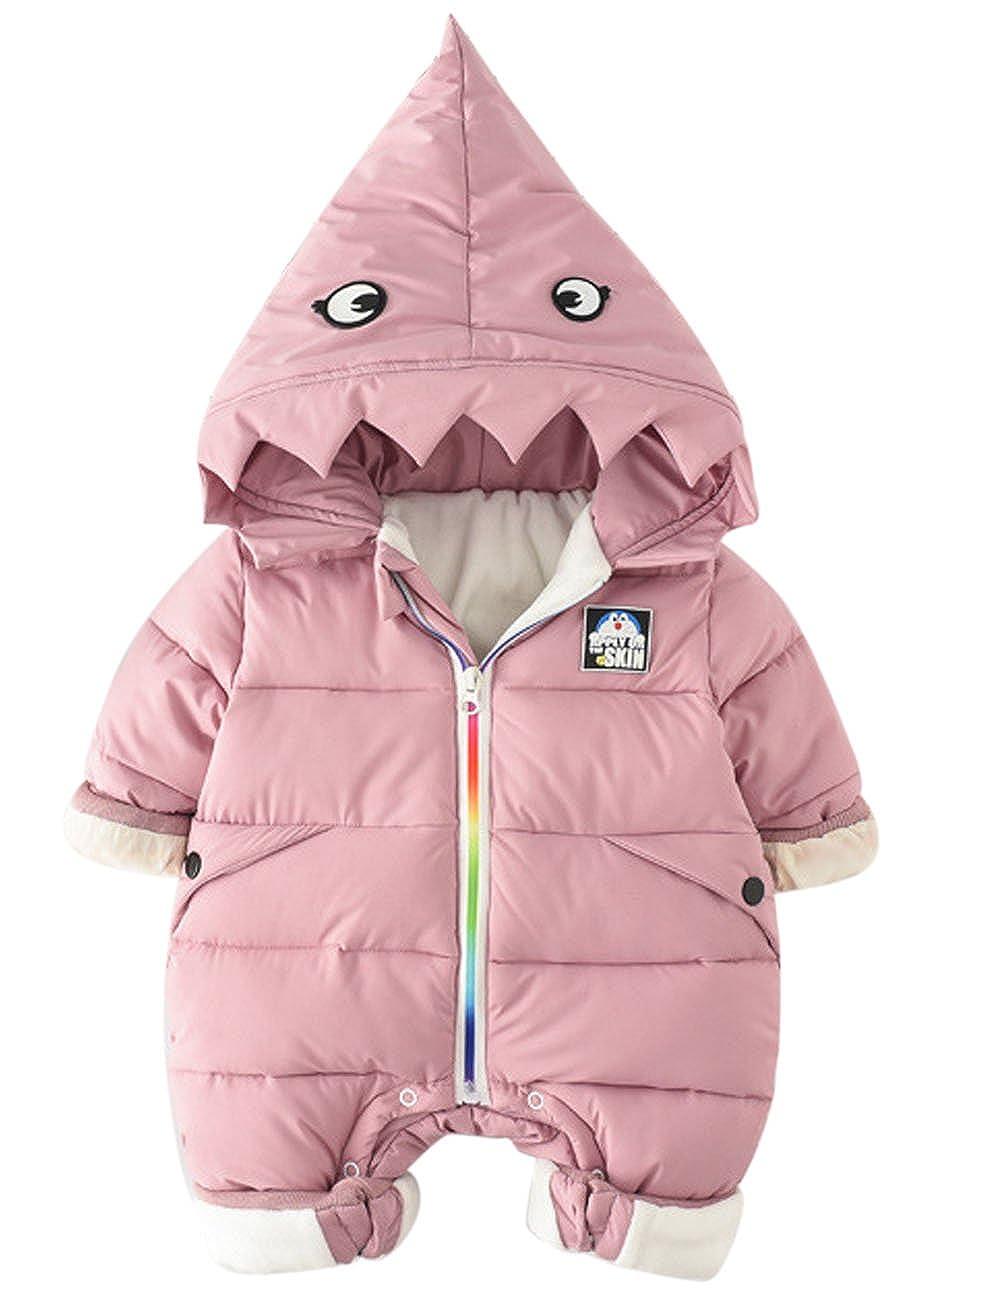 ARAUS Pagliaccetto Con Cappuccio Da Bimbo Caldo Bambina Romper Giubbino Baby Tutina Cotone Inverno 0-12 Mesi 0330P10-P-80